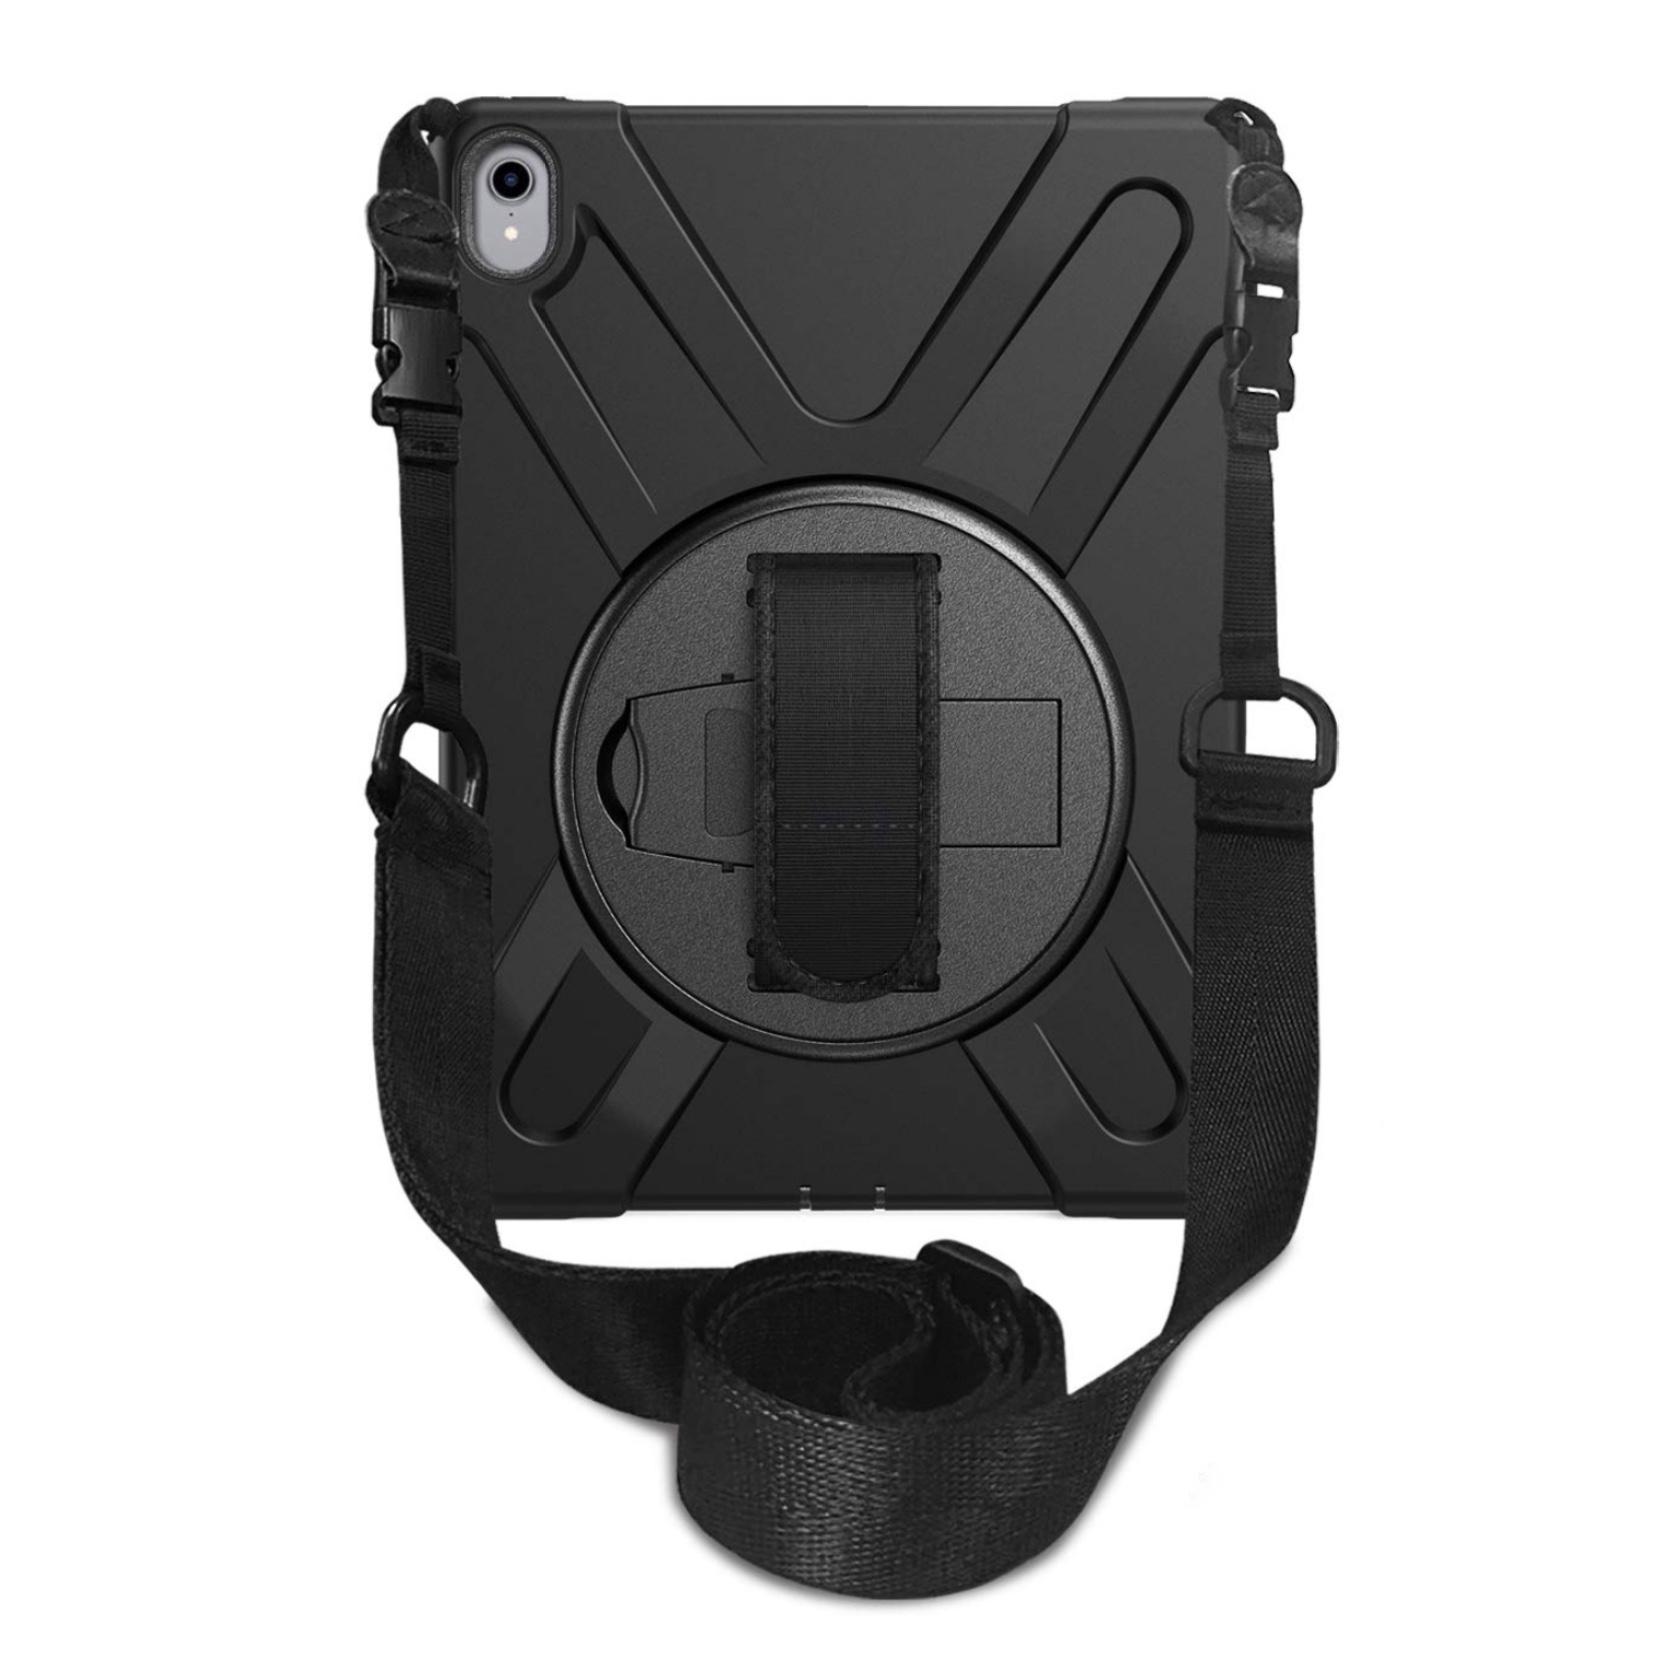 iPAD PRO 2018 11 pouces Coque de protection Pro avec sangle main et harnais epaule Vancouver